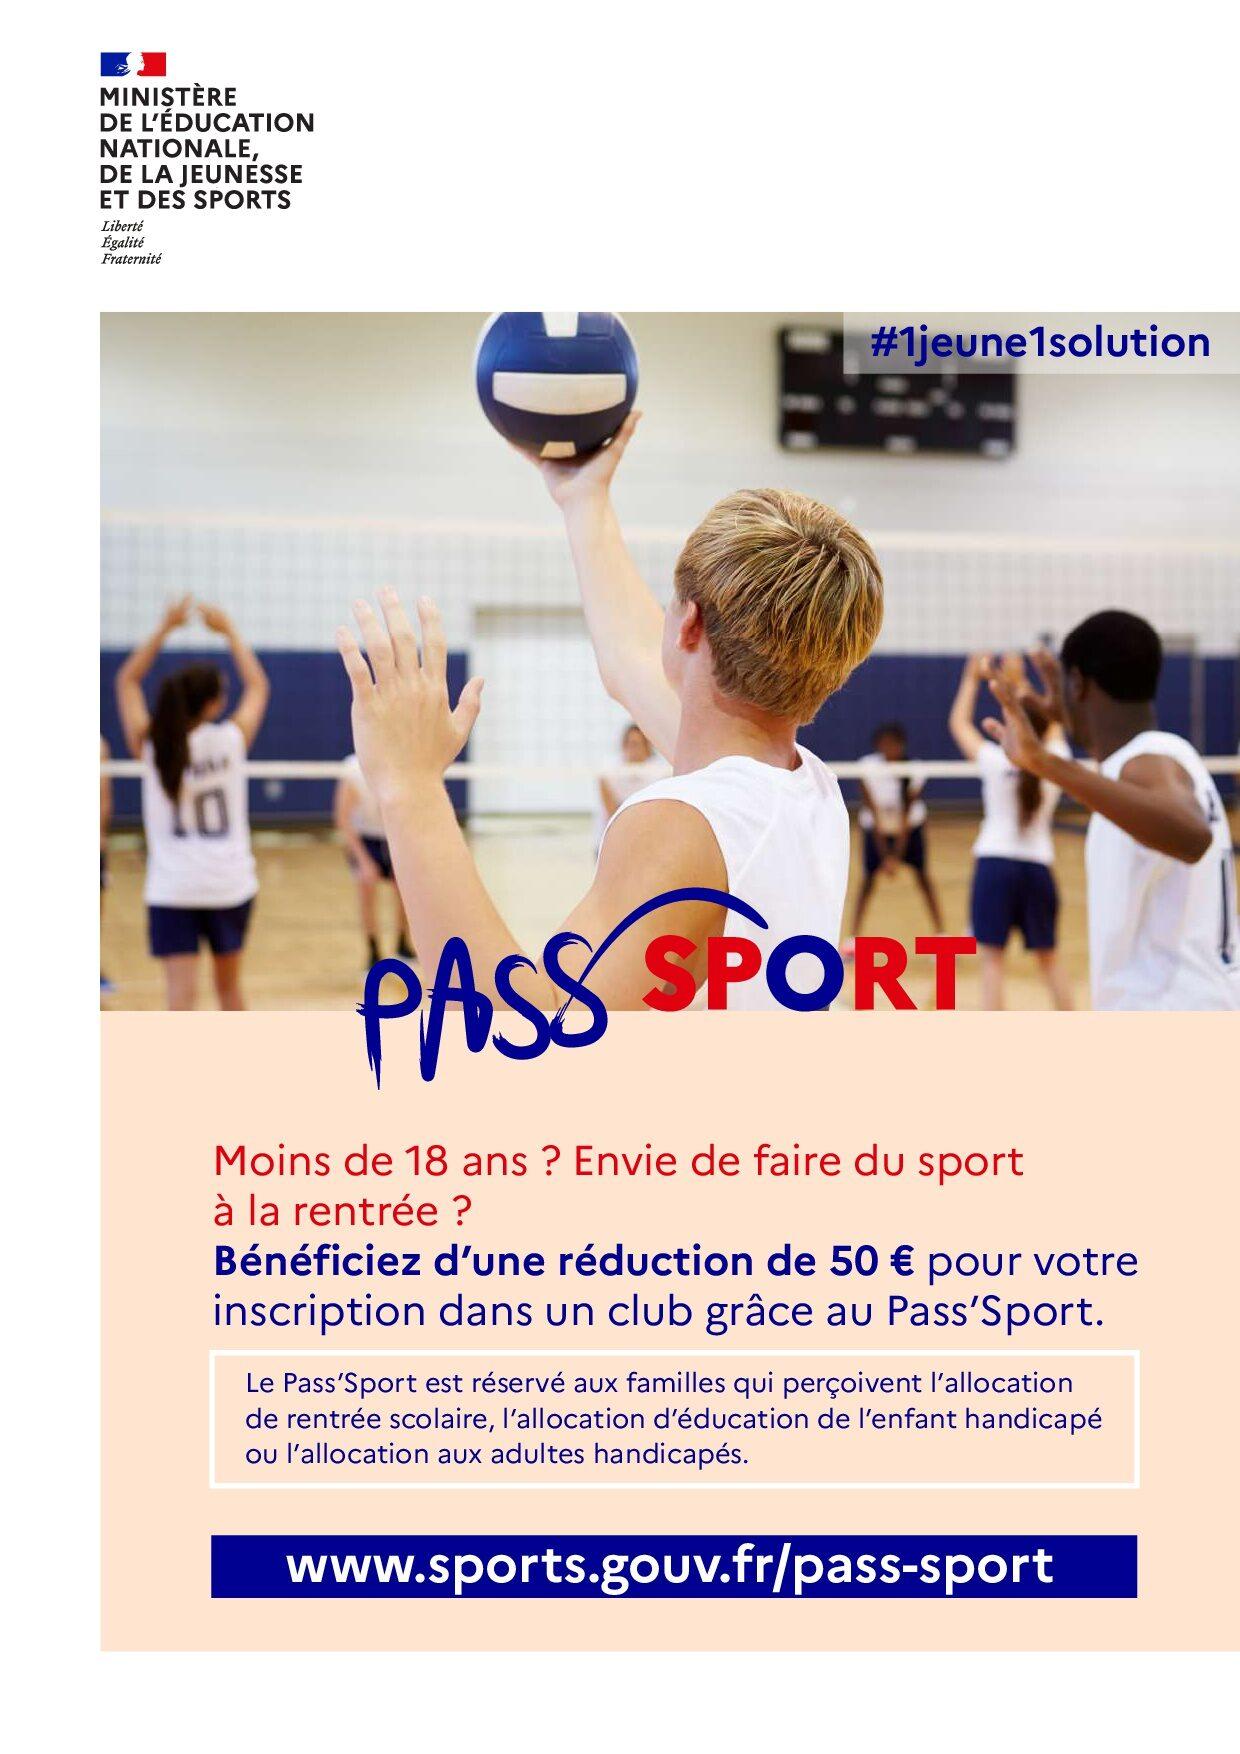 PJ1 - Flyer Pass Sport pour colleges et lycees.jpg